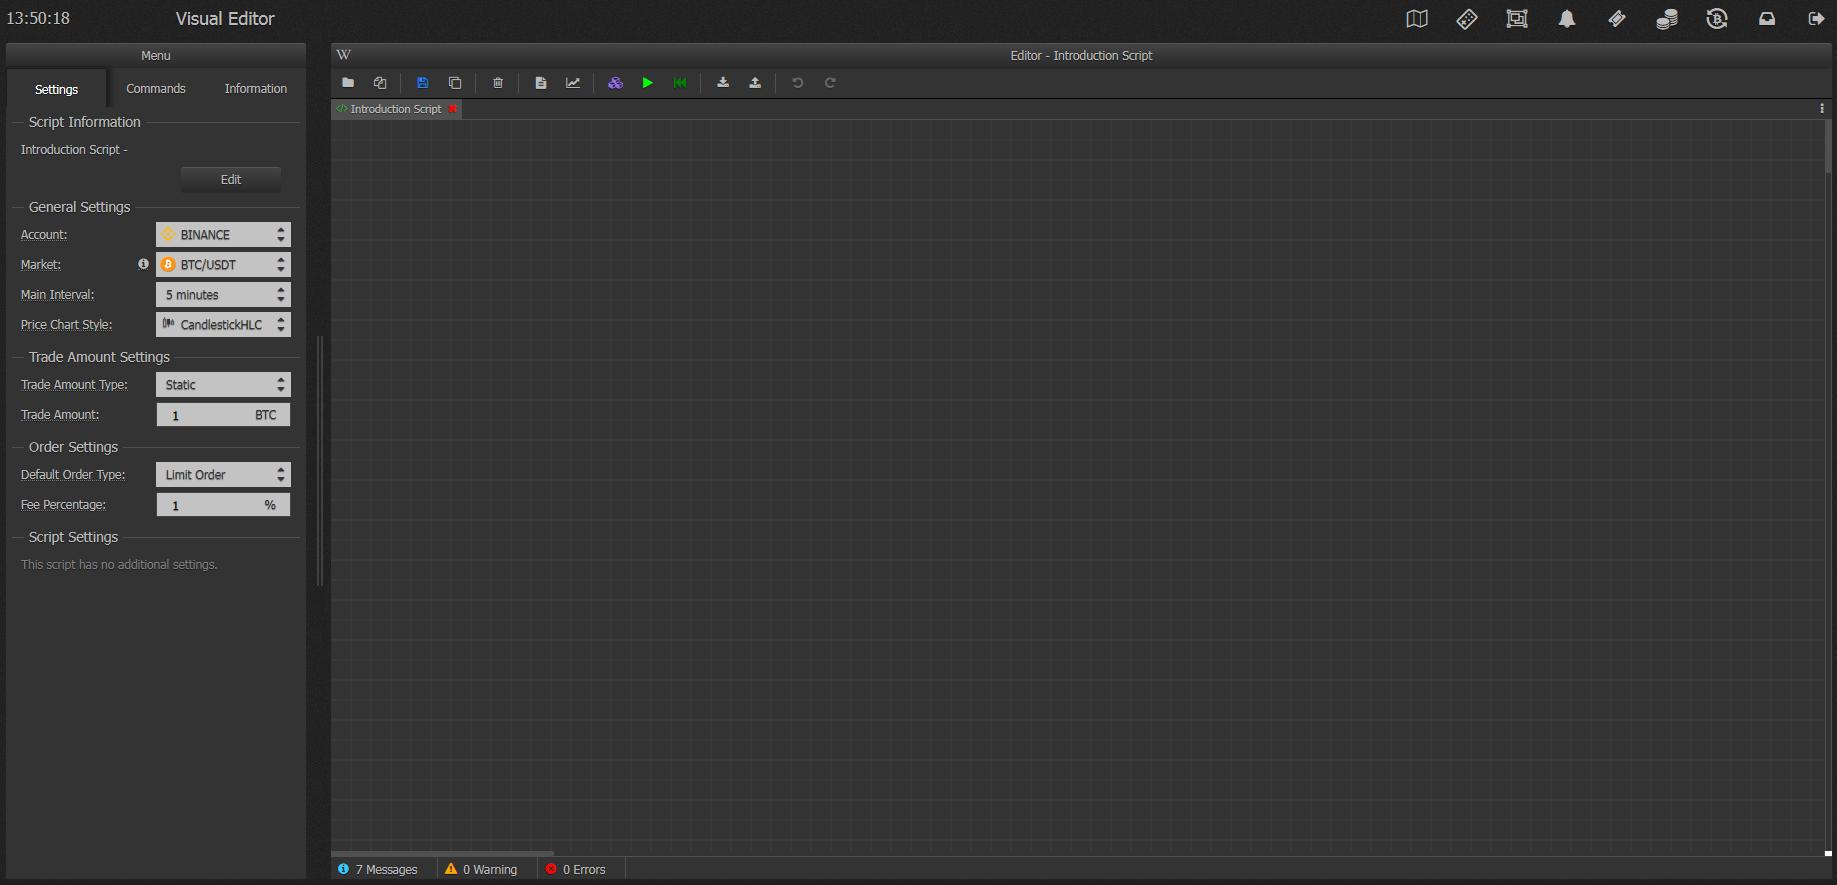 haas-script-visual-designer-blank-slate